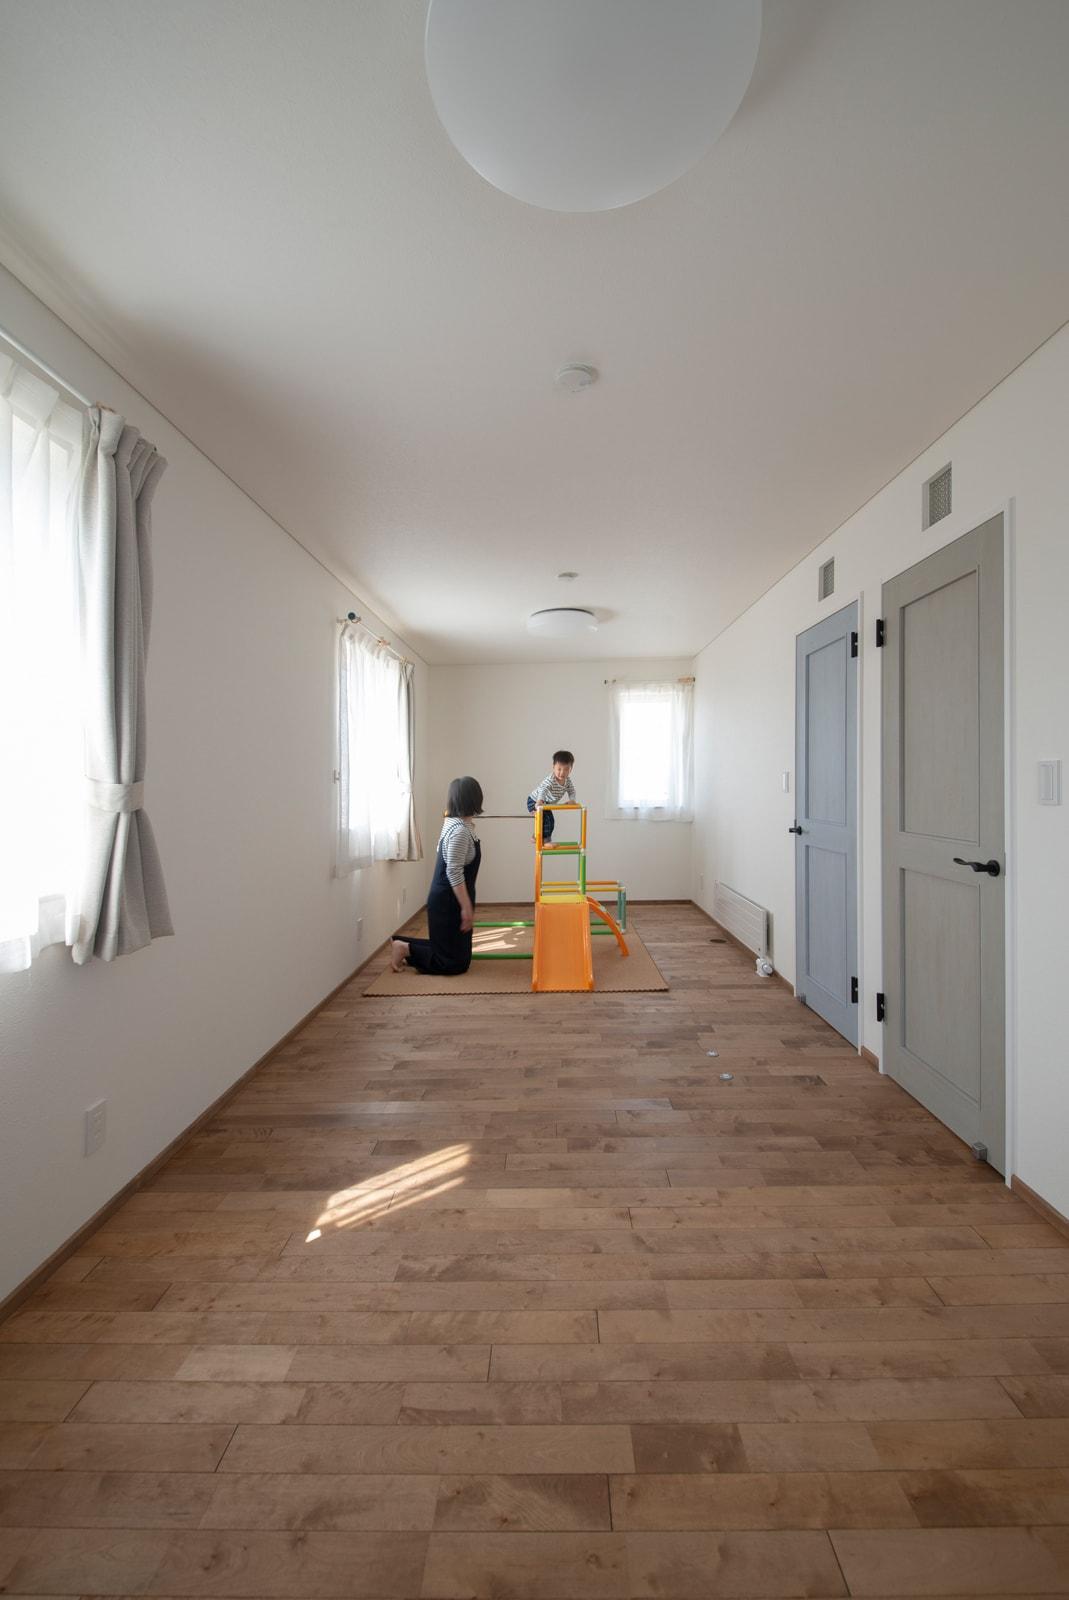 広々とした子ども部屋。将来用途に応じて2部屋に分割できるようそれぞれにドアや収納をつけた